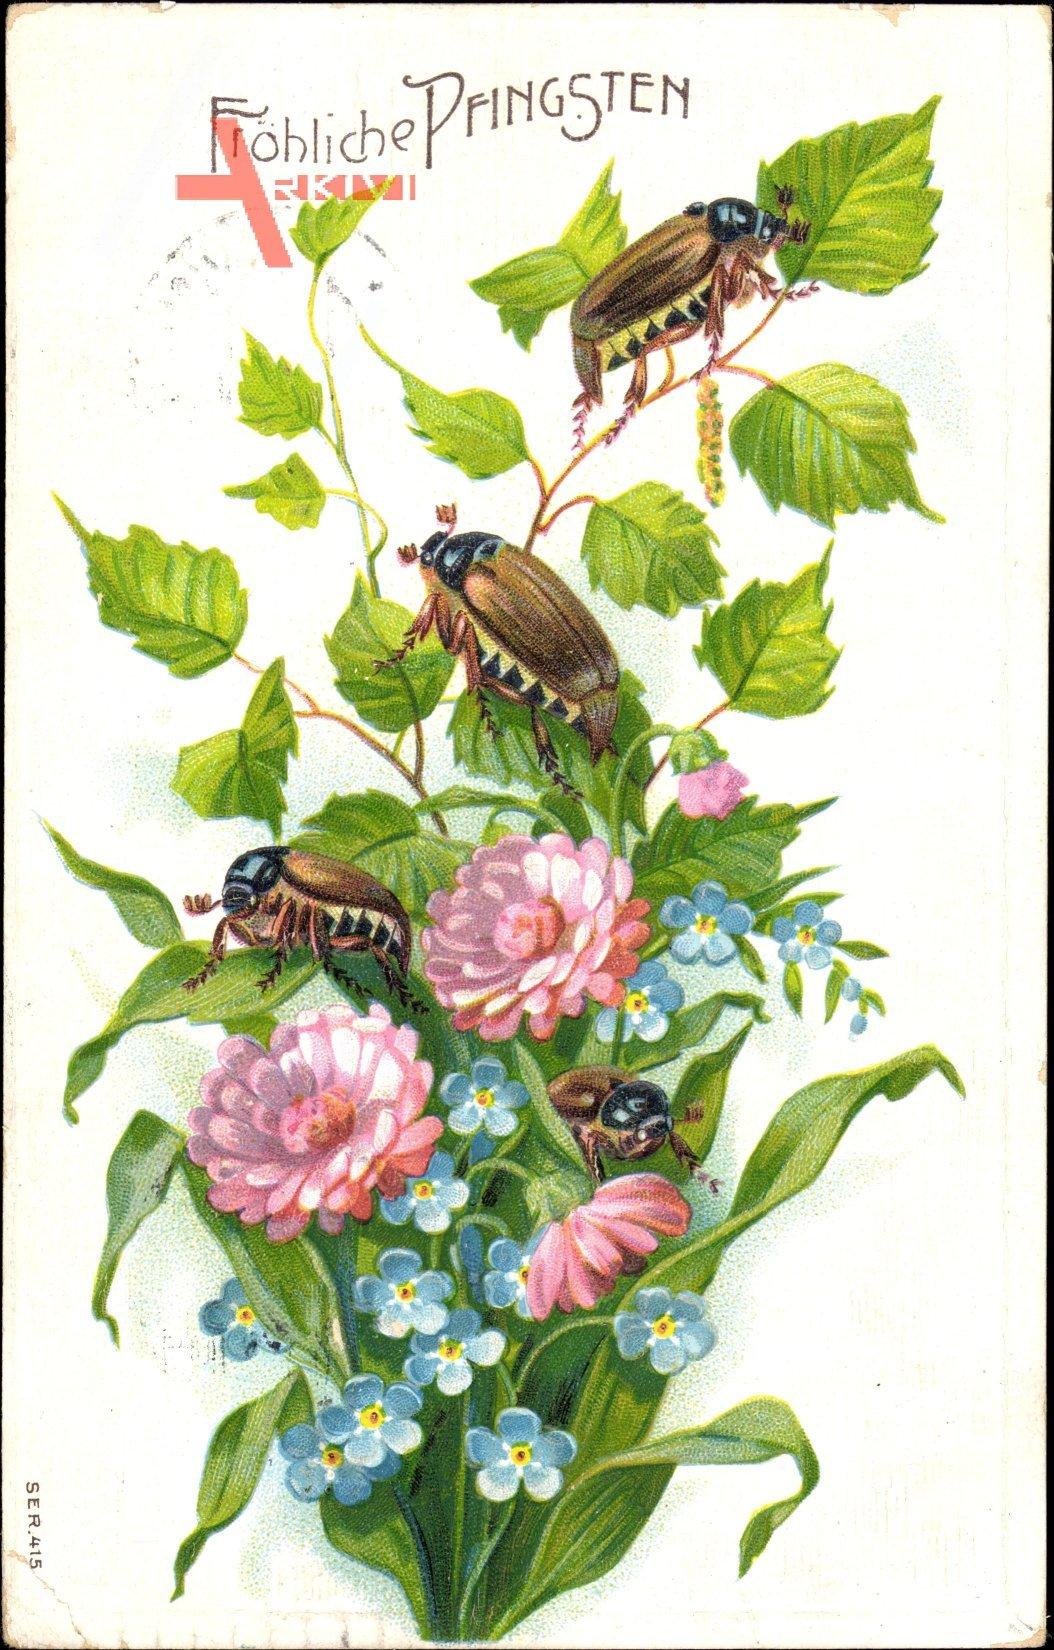 Glückwunsch Pfingsten, Maikäfer auf einem Birkenast, Blumen